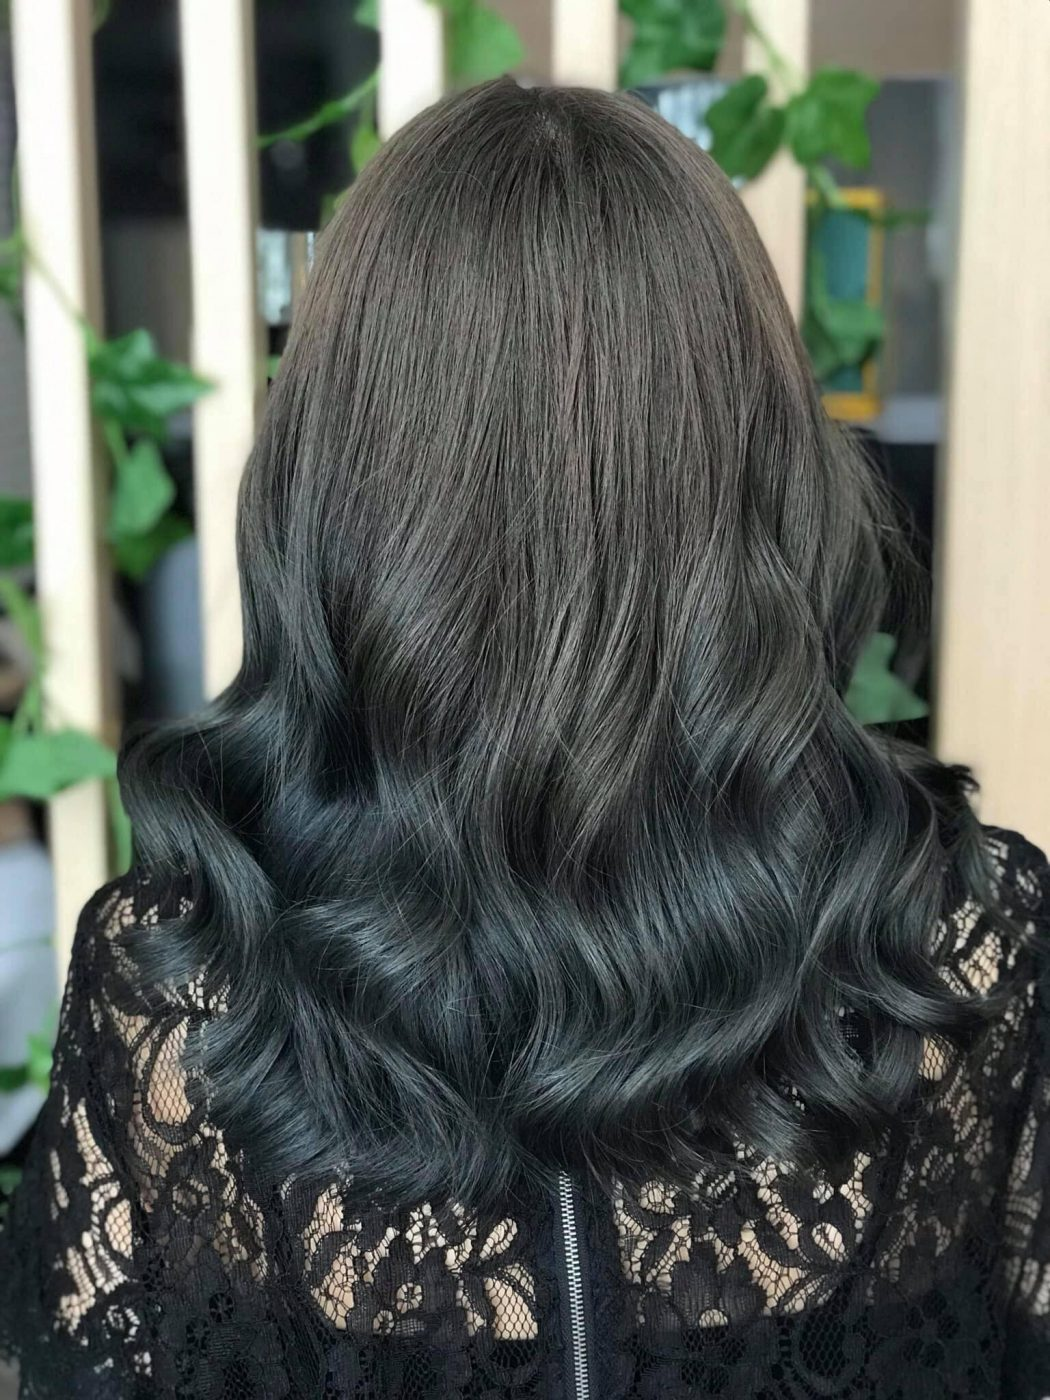 The House Hair Color Club